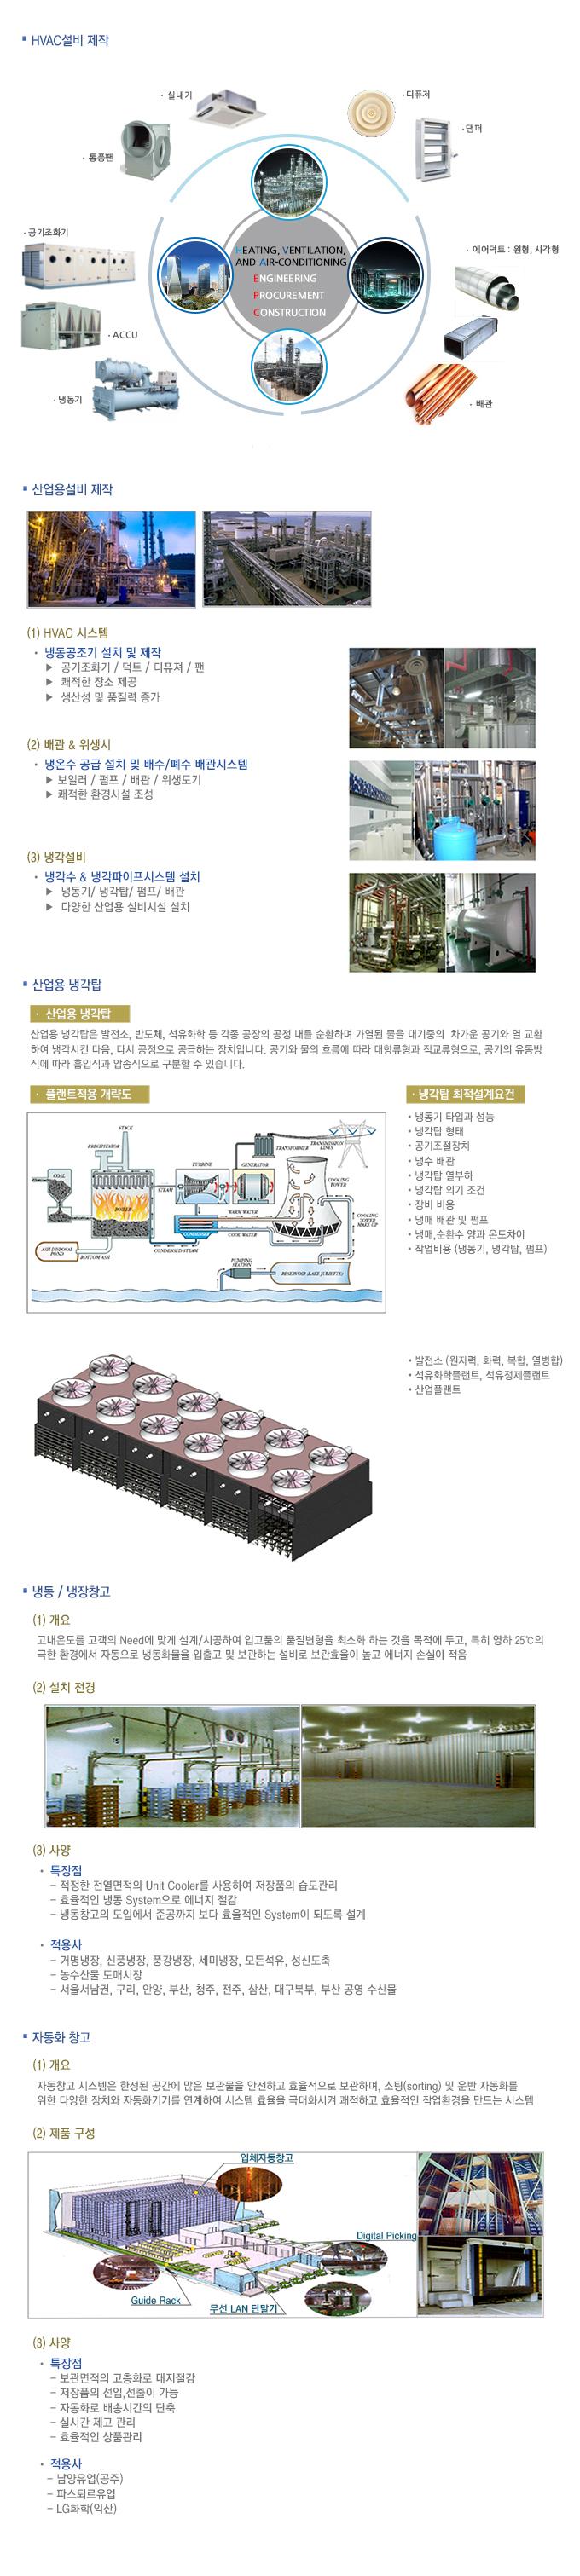 신성엔지니어링 HVAC 설비 제작  1